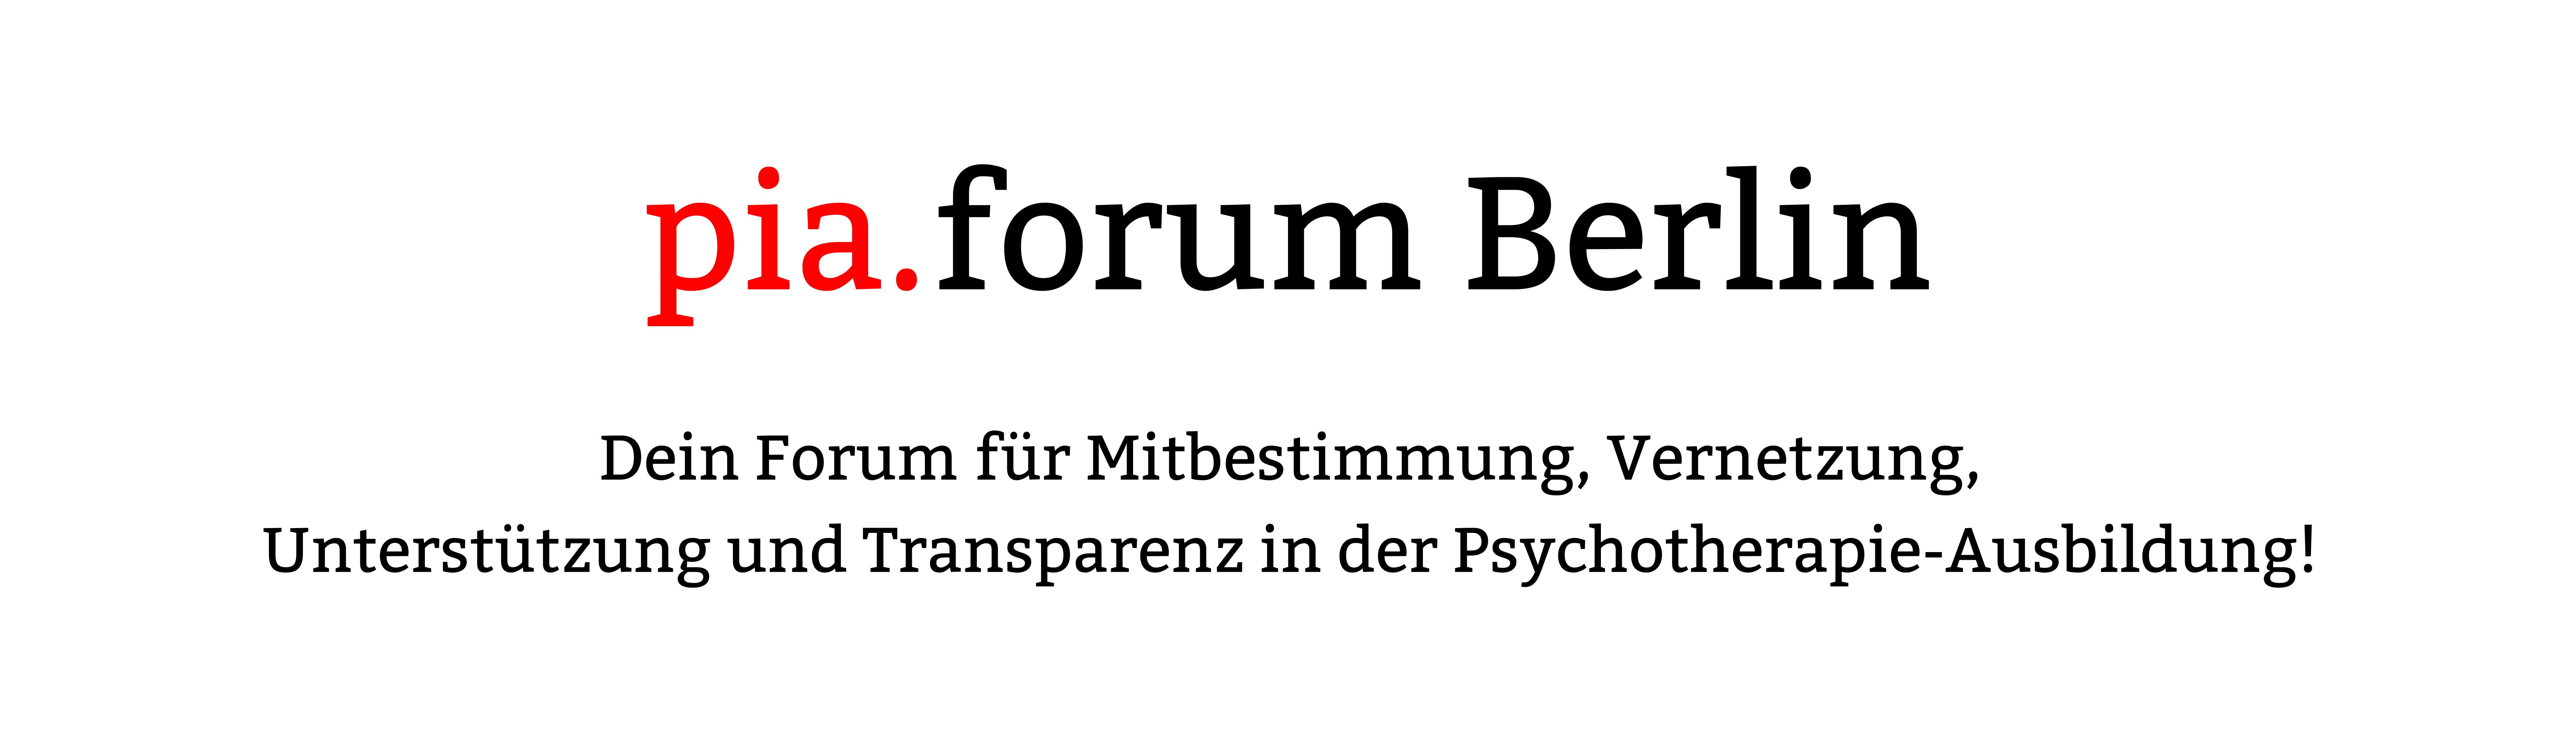 Berliner PiA-Forum